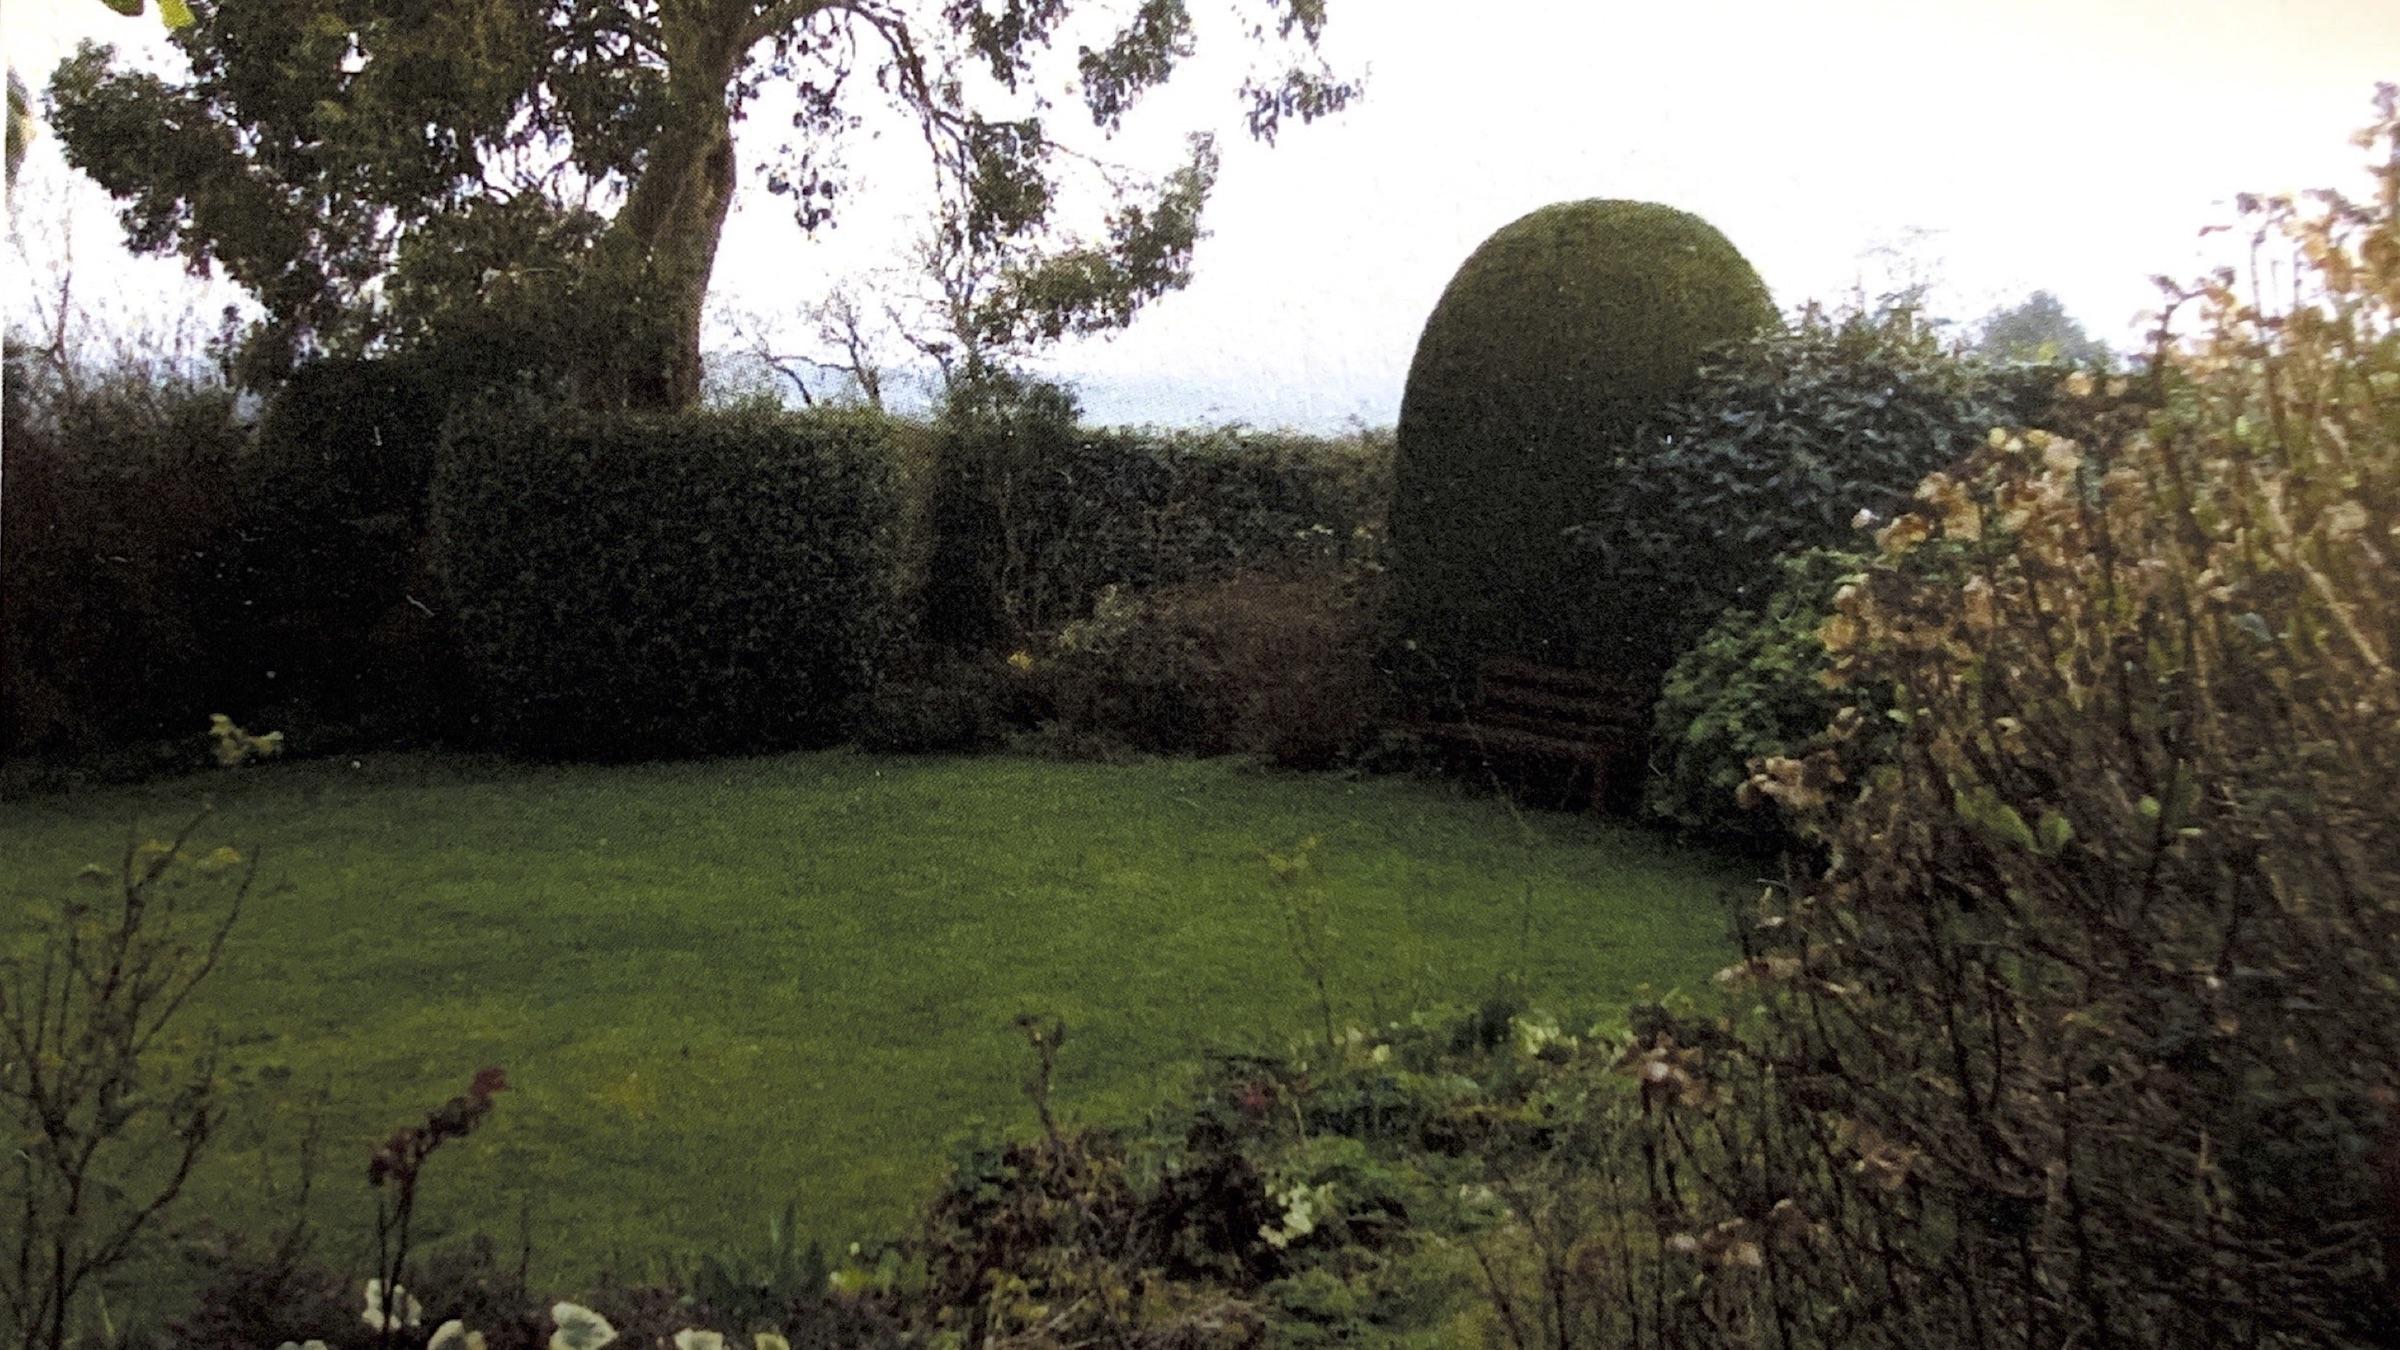 Le jardin anglais où la dalle de marbre a été trouvée.